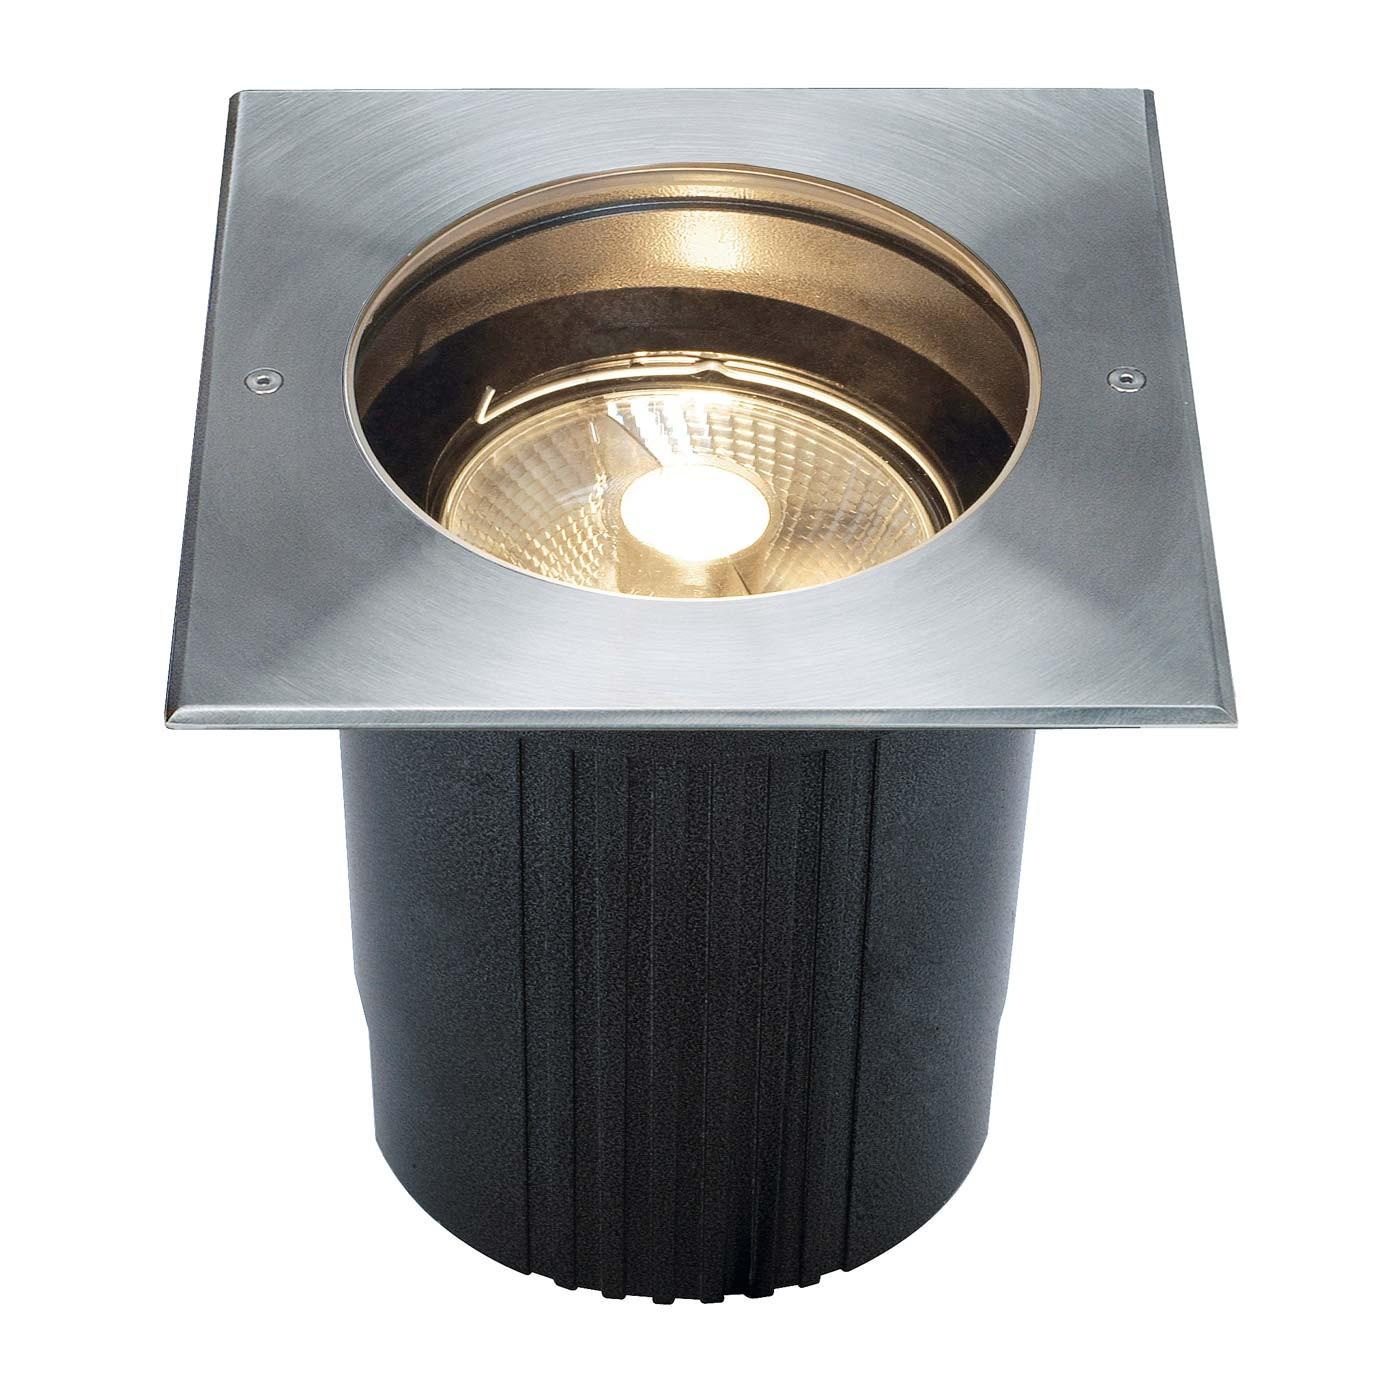 SLV Dasar ES111 lampe encastrée